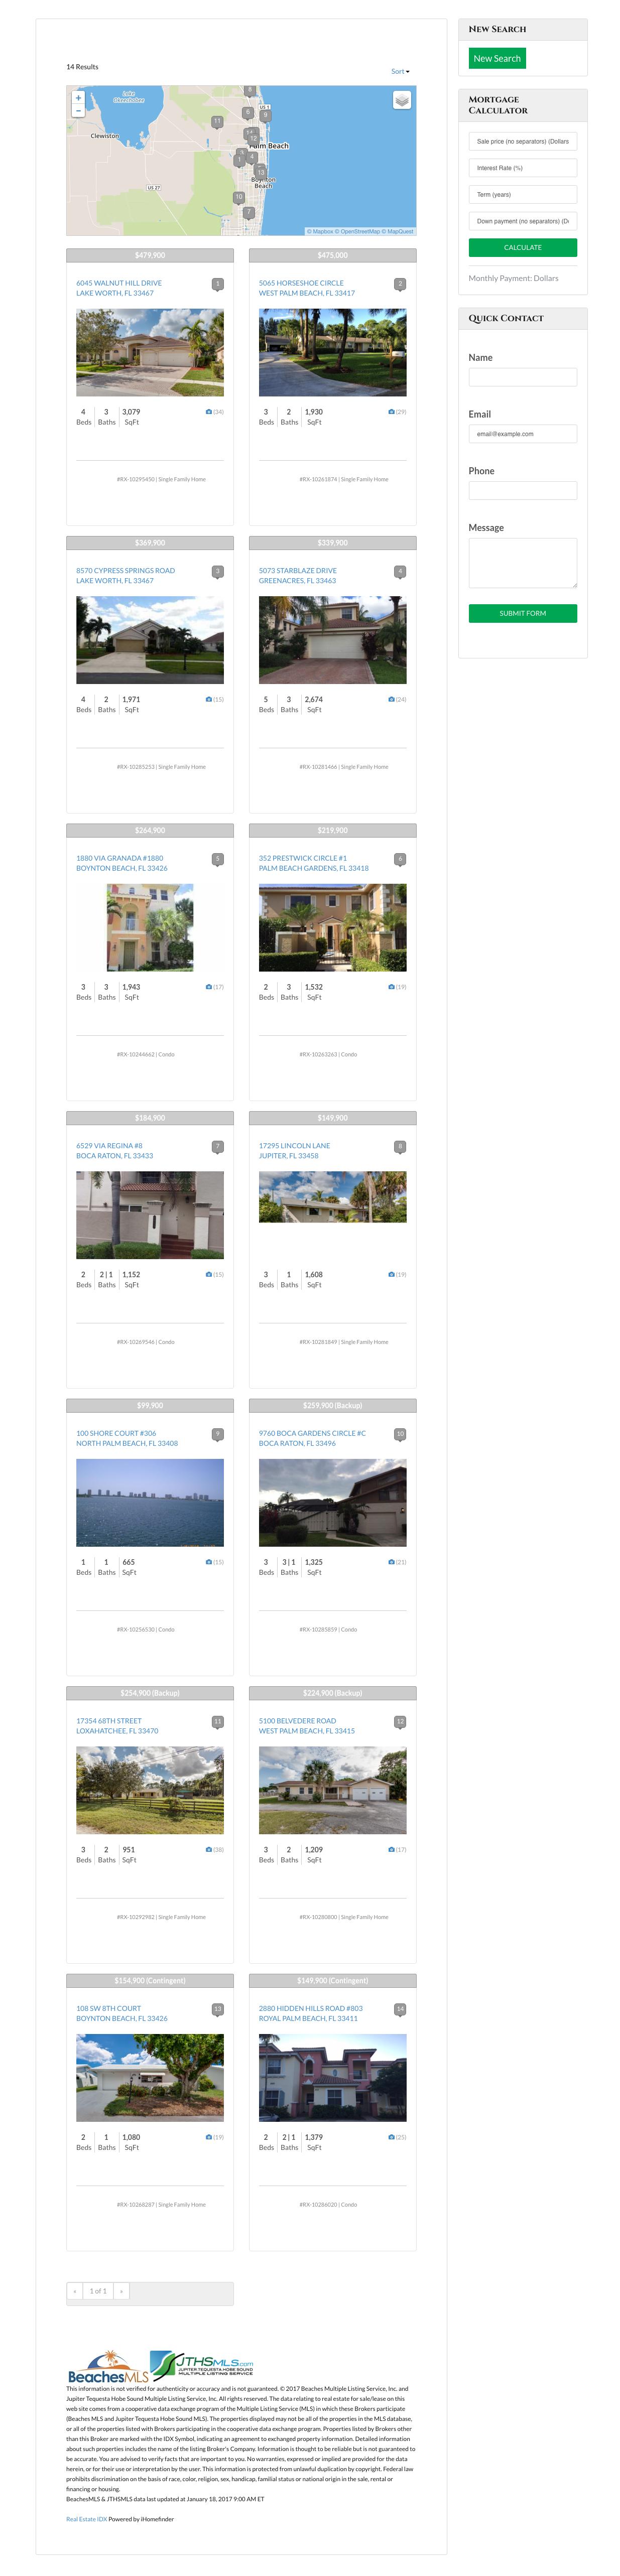 Real Estate Websites & Real Estate Lead Generation   ClickFred